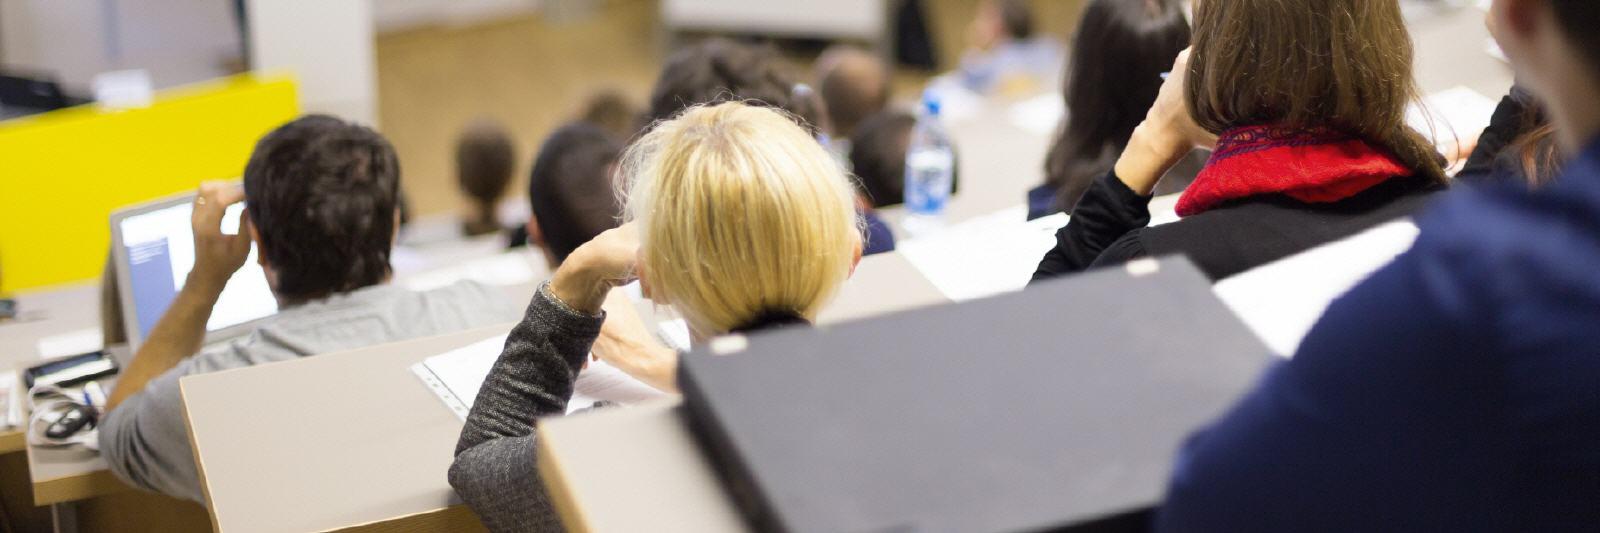 Bildung voraussetzungen studium for Padagogik studium ohne nc